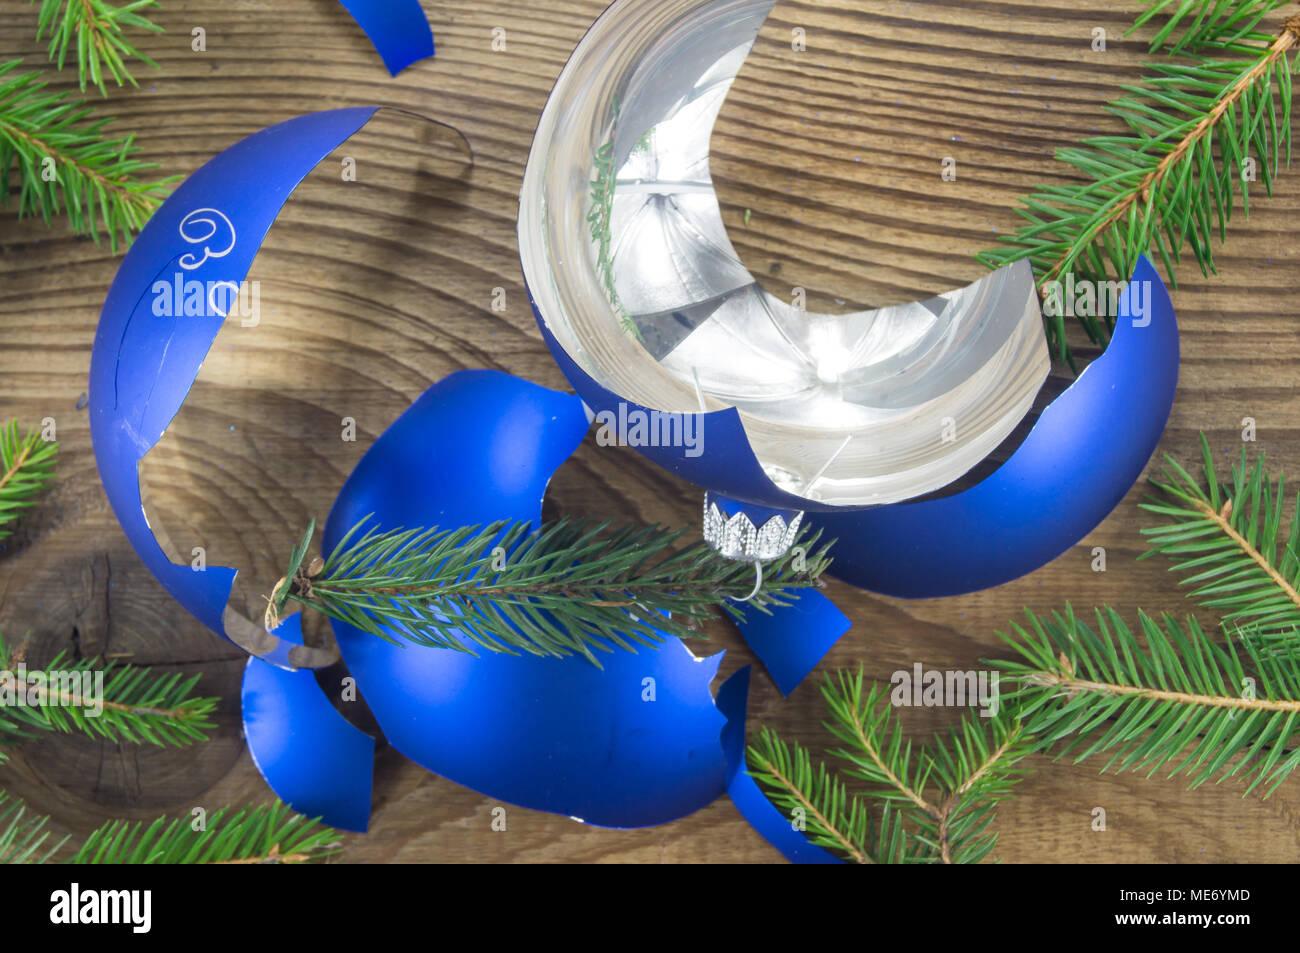 Gebrochene Weihnachten Spielzeug auf Holz- Hintergrund. Die für ...